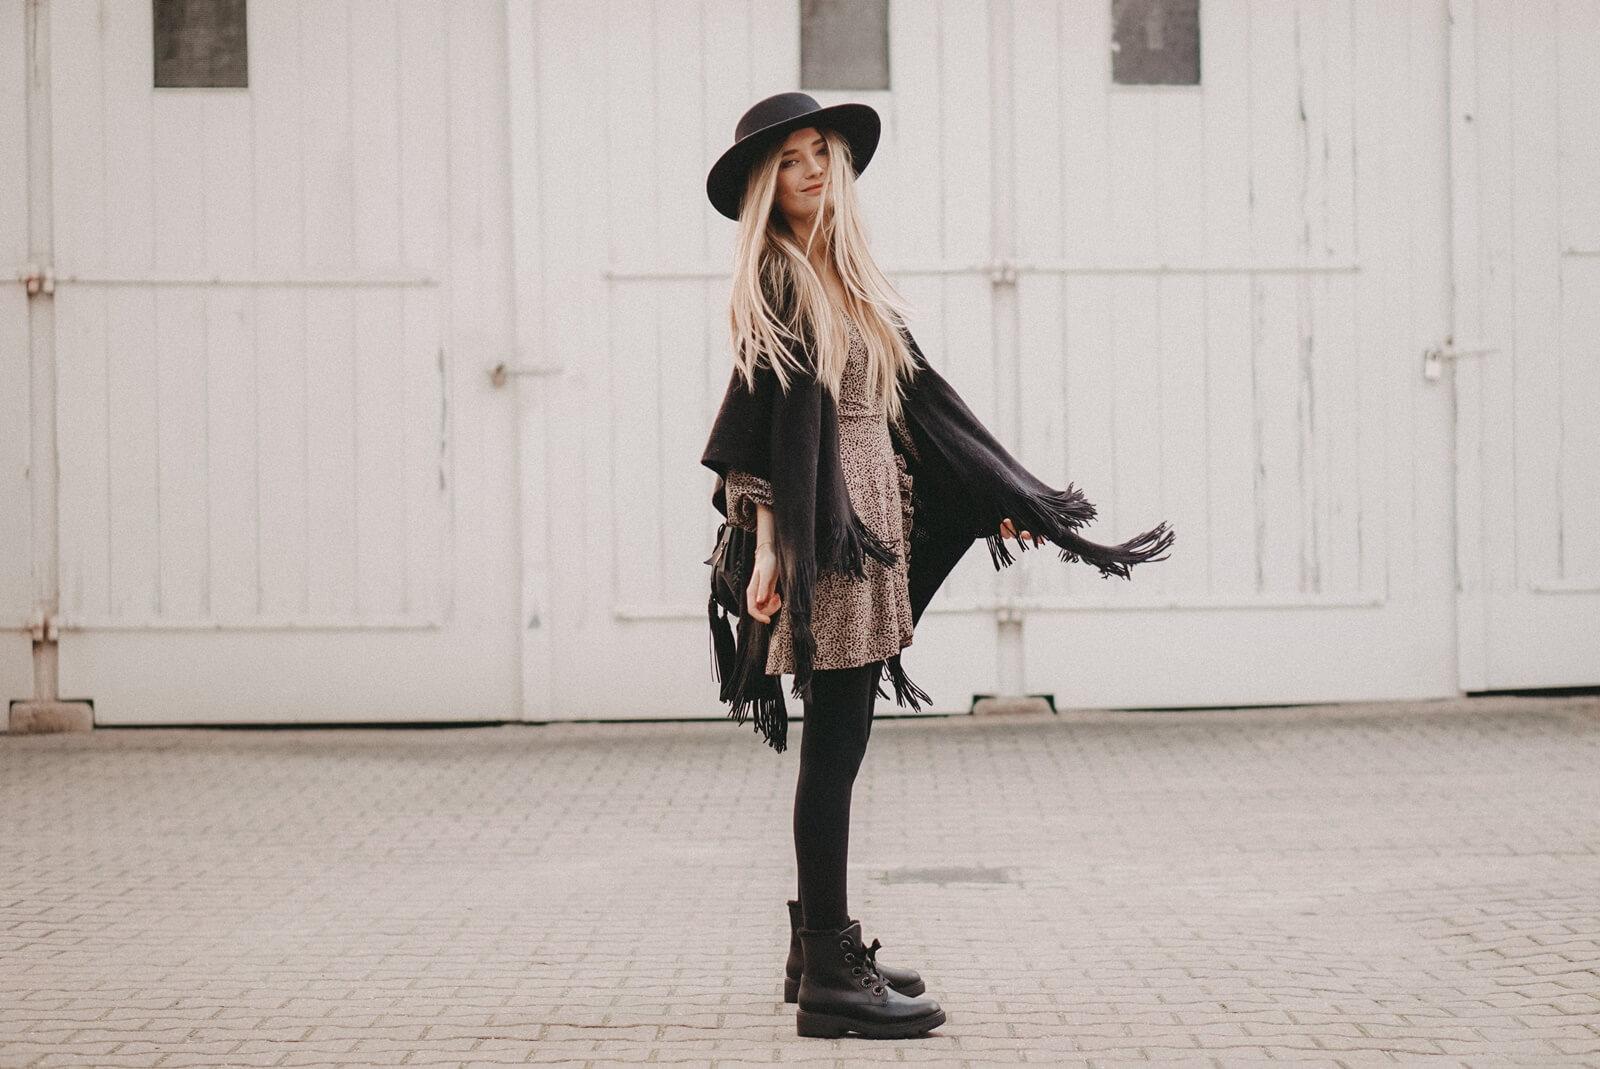 styling-tipps für combat boots - shoelovedeichmann